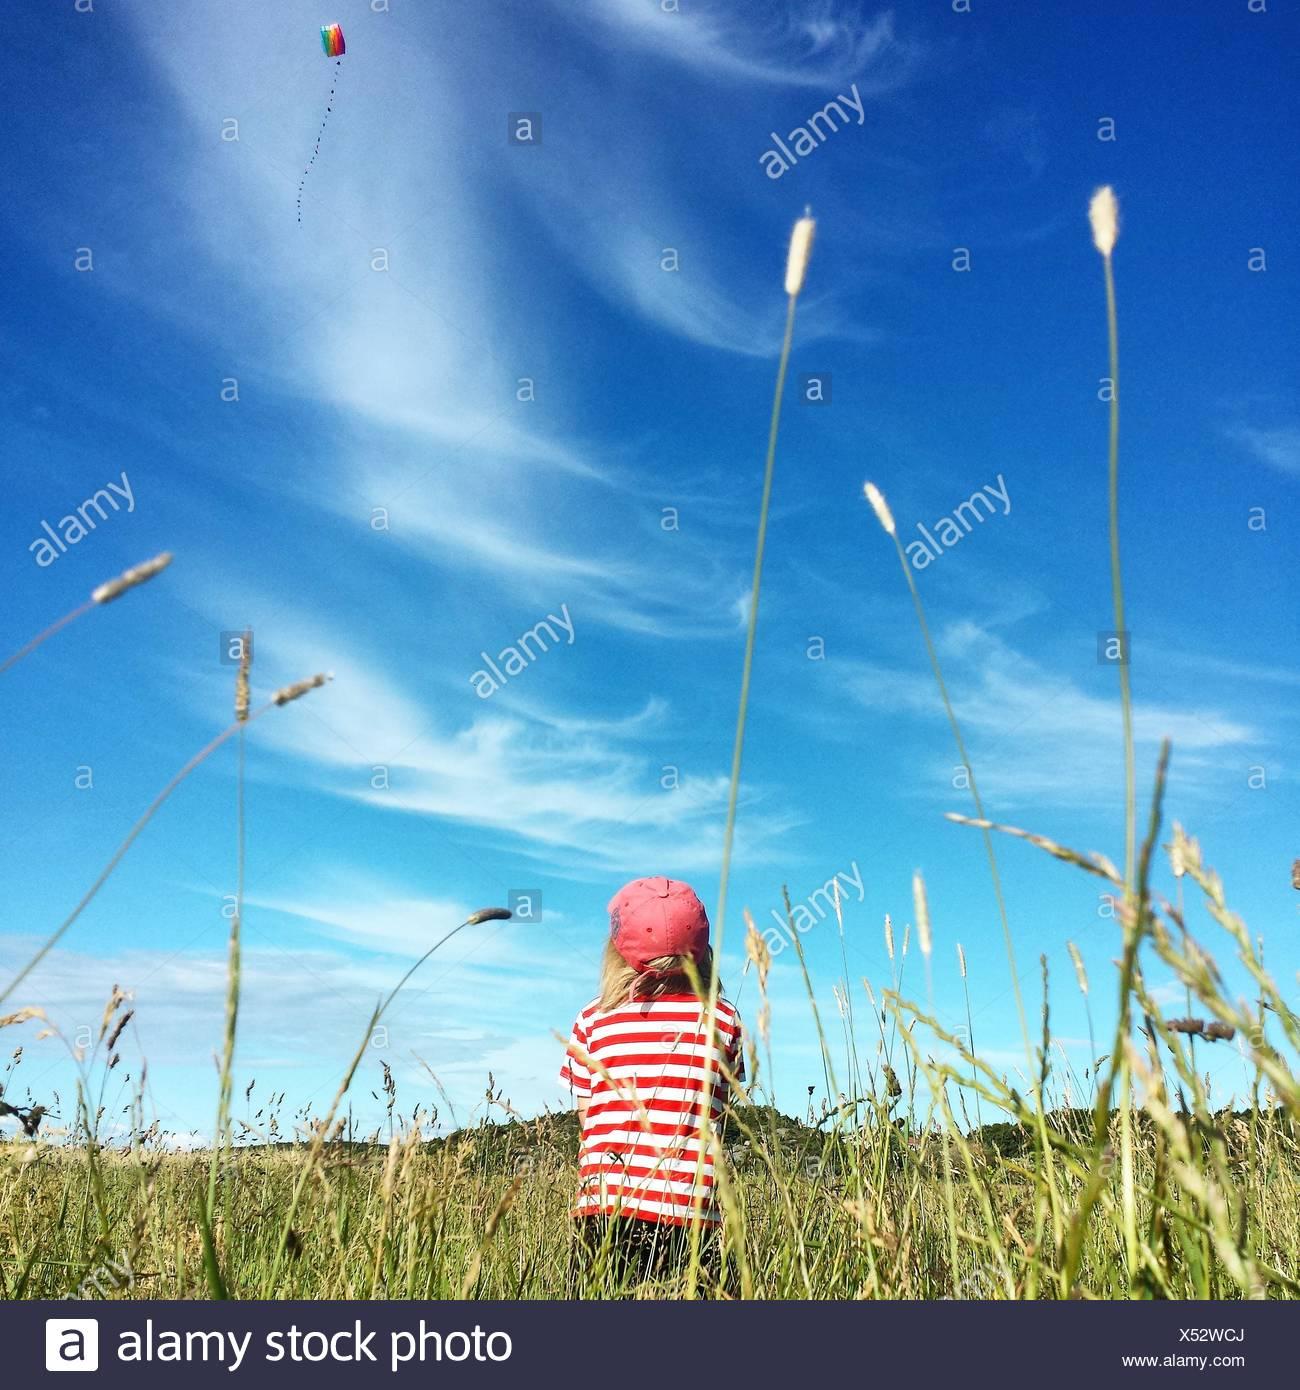 Vista trasera del niño volando Cometa en césped Imagen De Stock